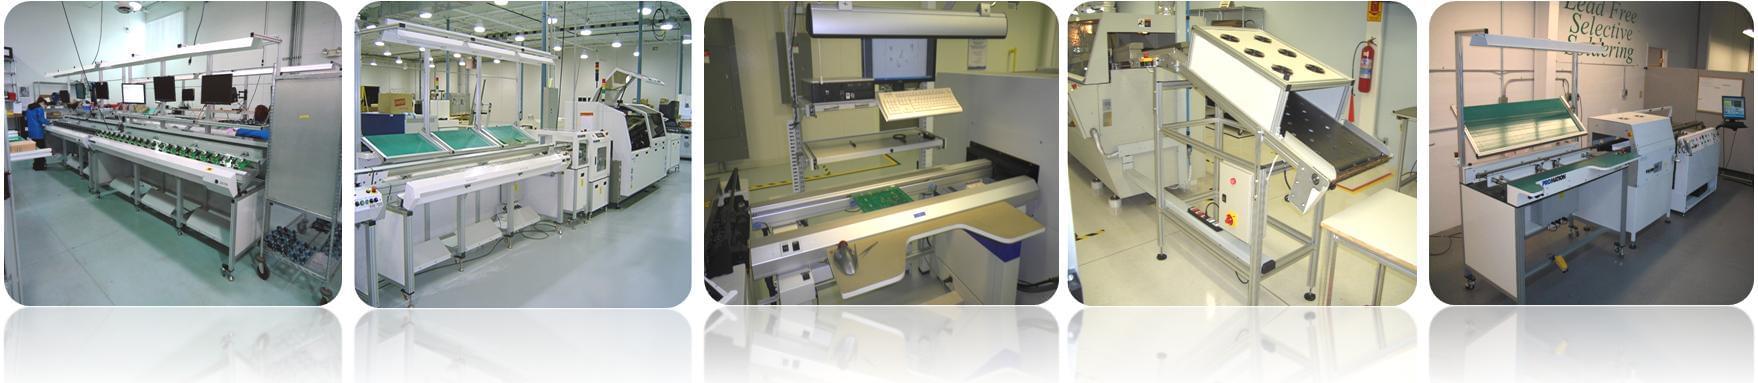 Dây chuyền PCB, SMT & băng tải Unloader